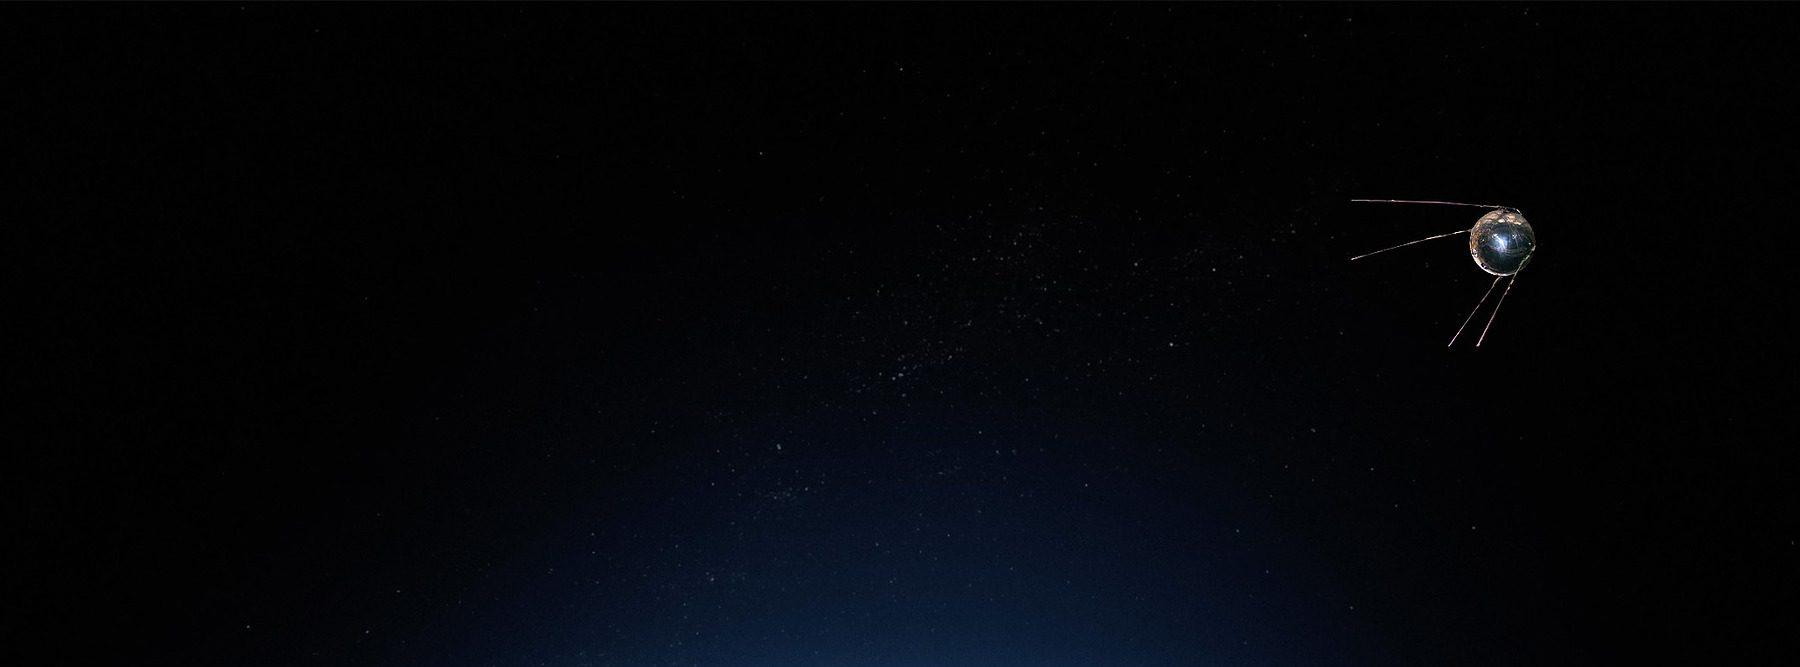 Encuentran orbitando alrededor del Sol una cápsula del Apolo 10